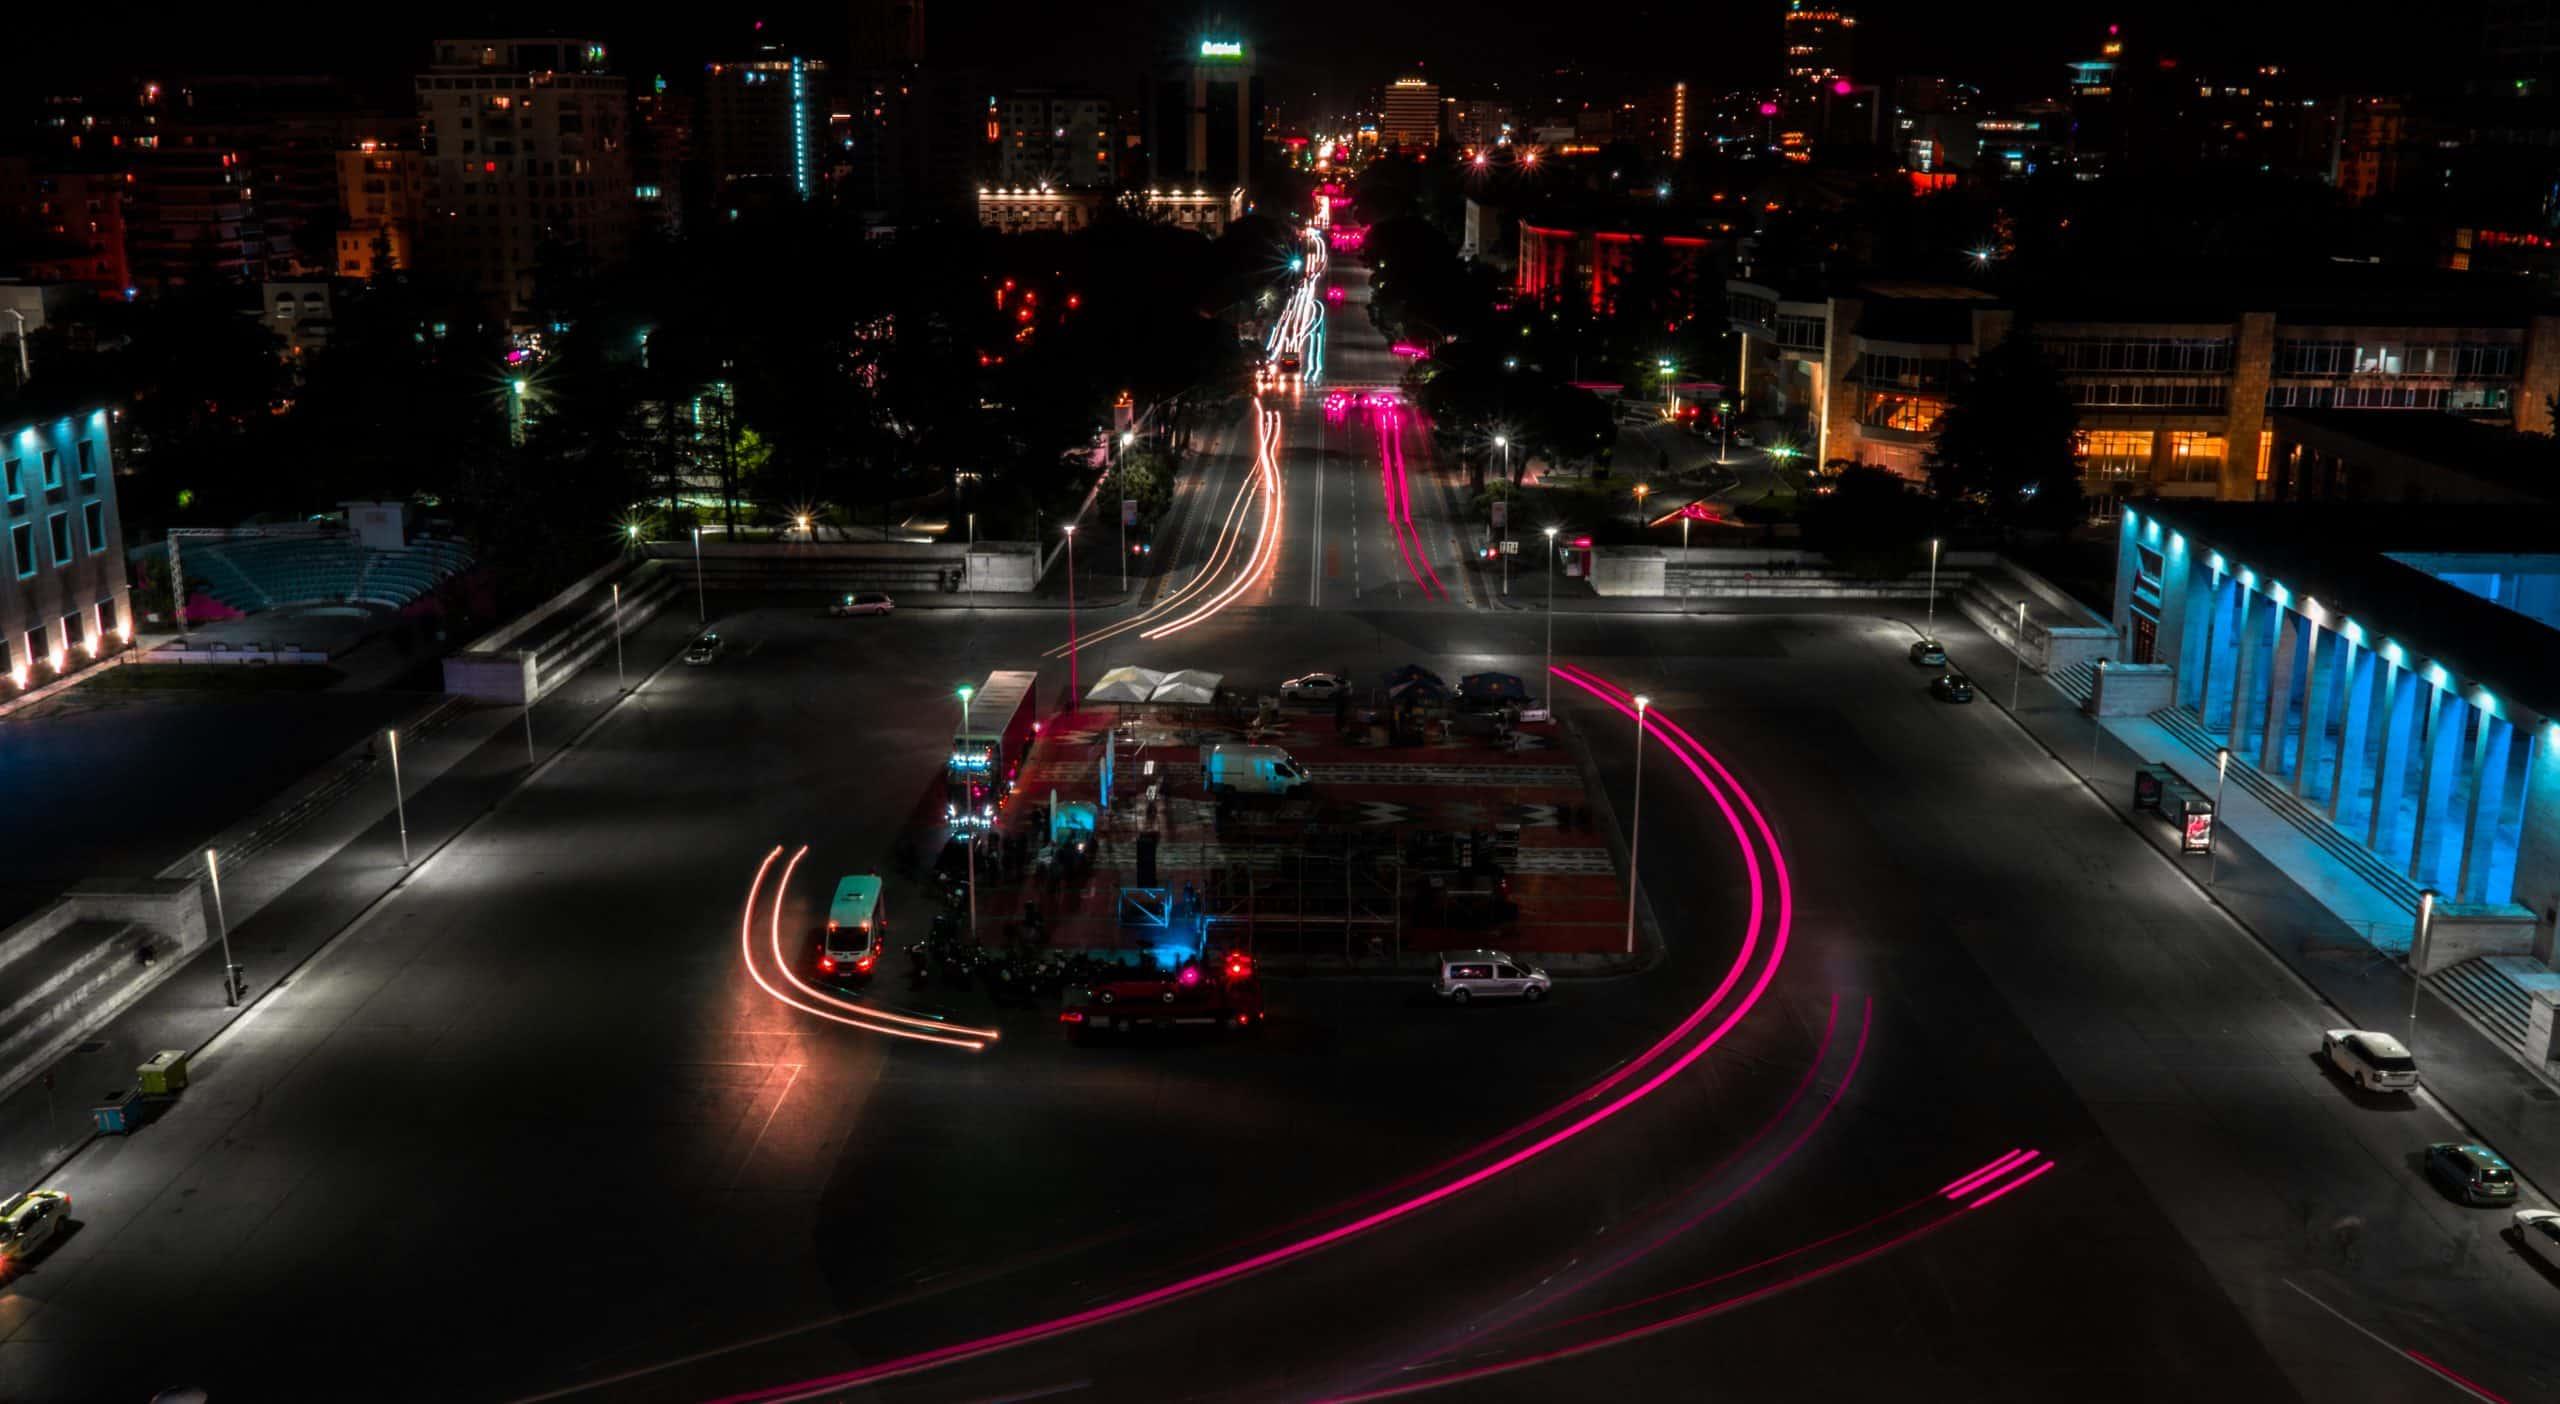 Andare a vivere in Albania - Notturna